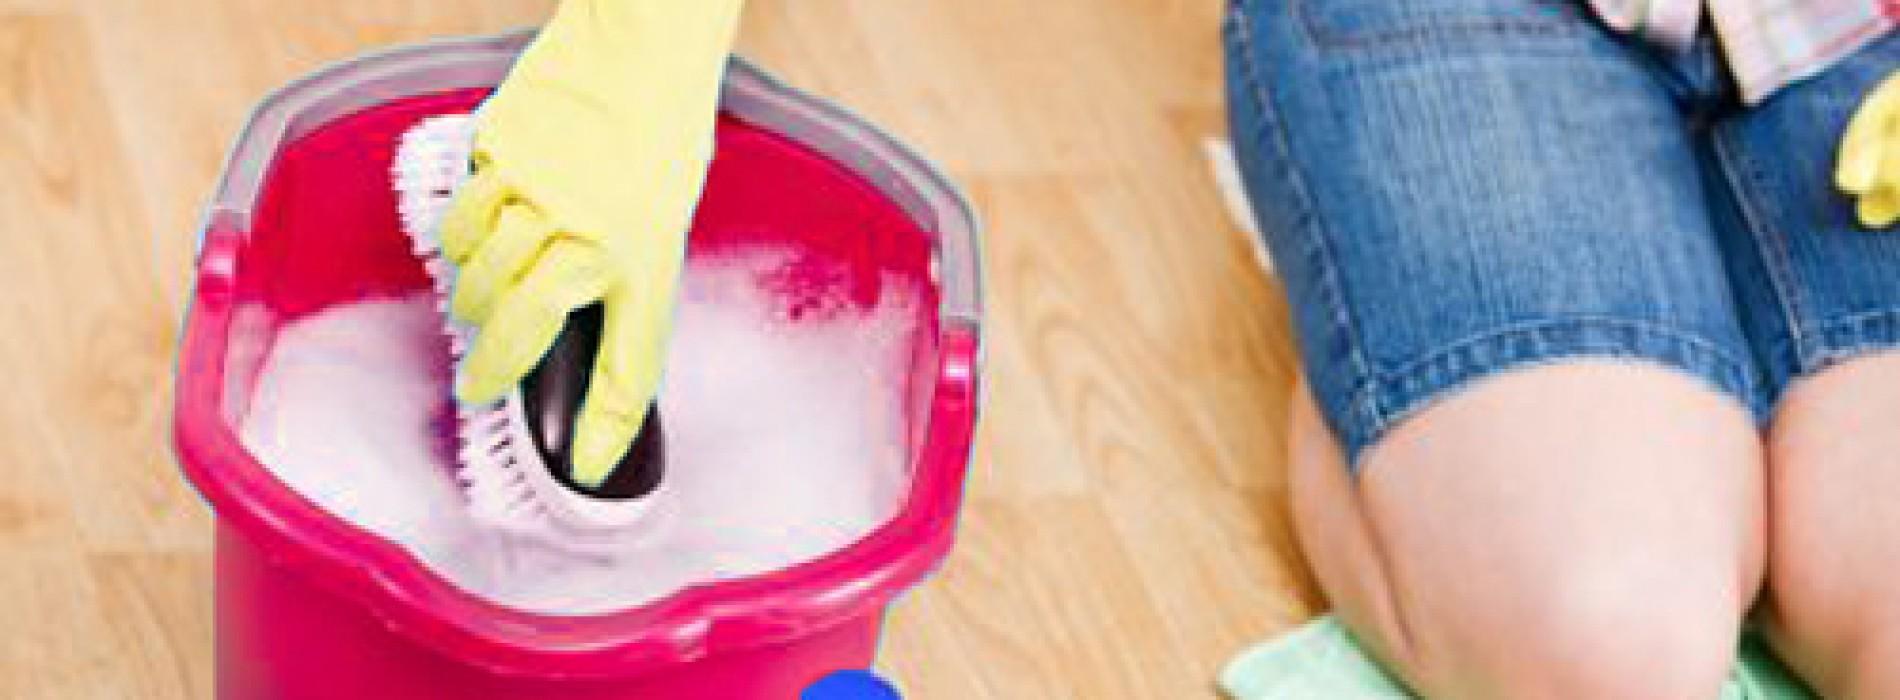 10 Handige schoonmaak tips om jou huishouden sneller schoon te krijgen!